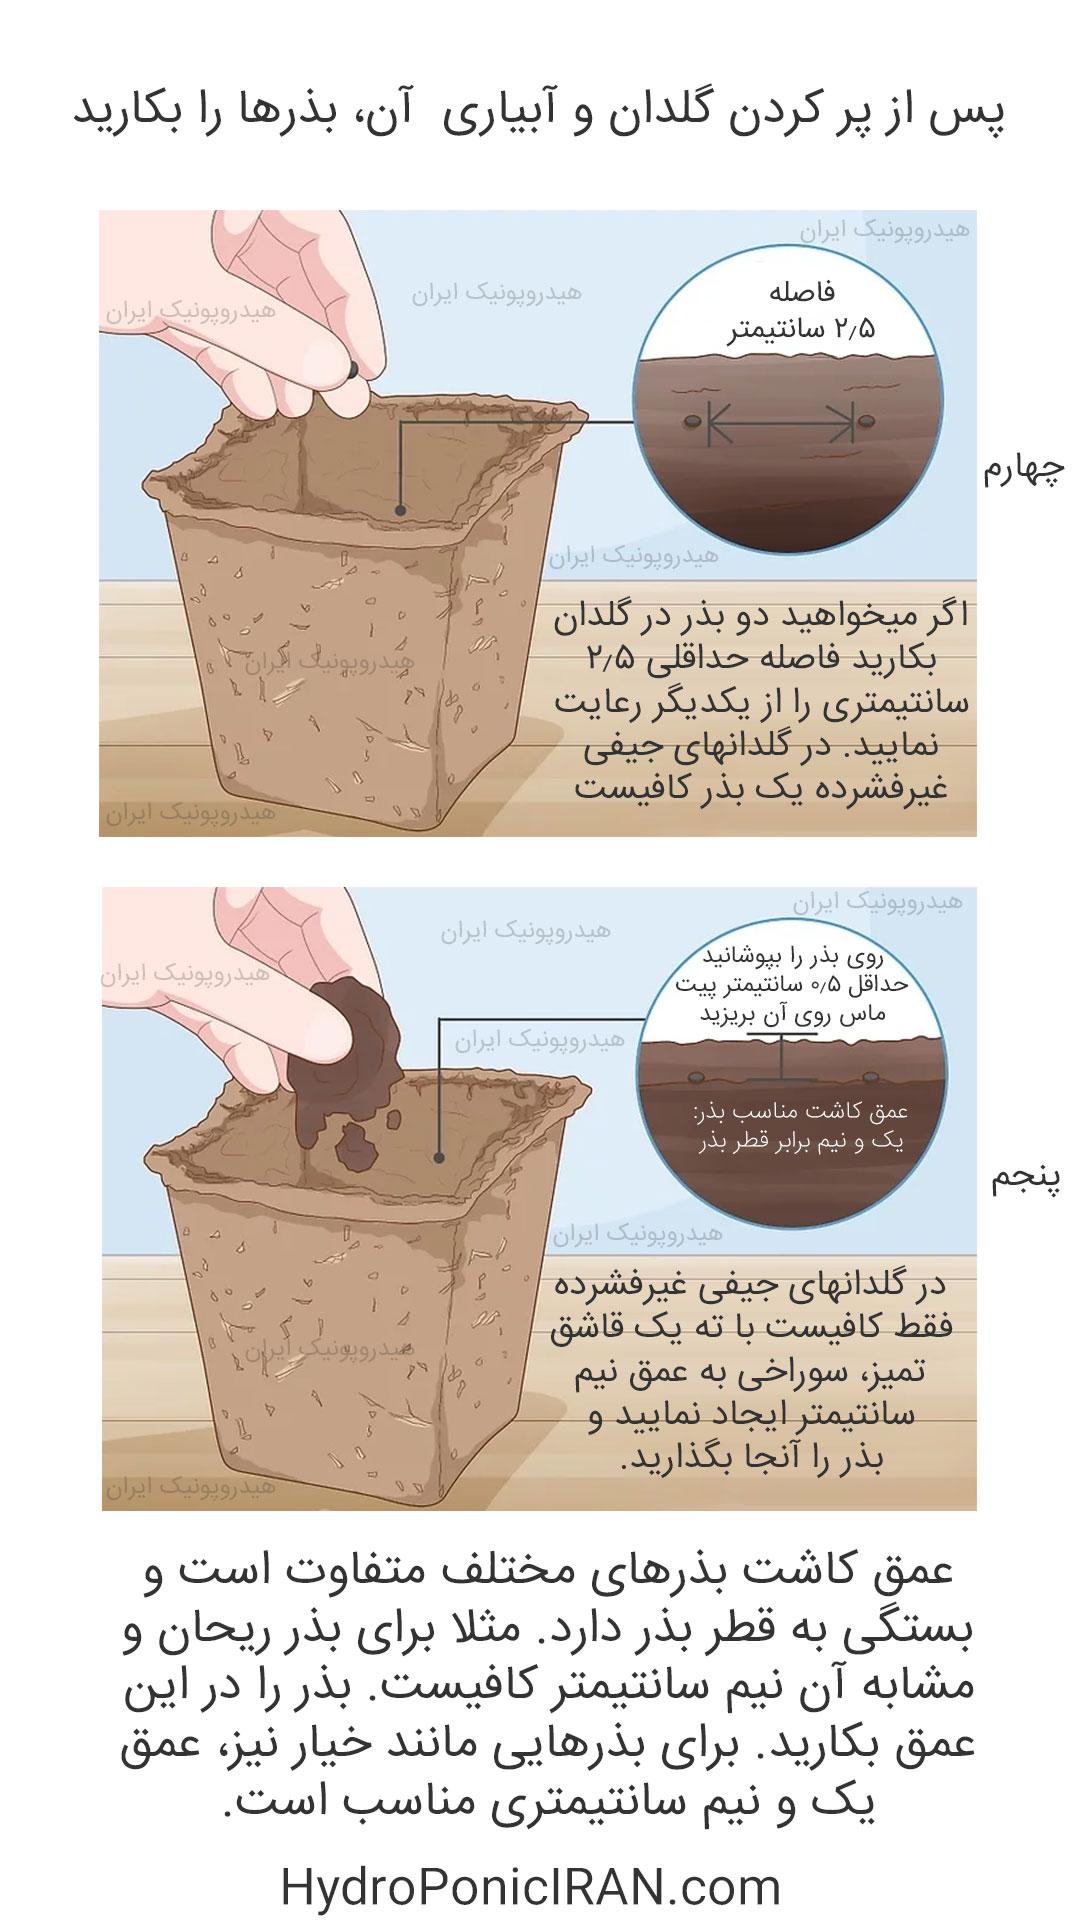 راهنمای-آموزش-کاشت-انواع-بذر-در-گلدان-یا-جیفی-غیرفشرده-هیدروپونیک-ایران.jpg-عمق-مناسب-بذرپ